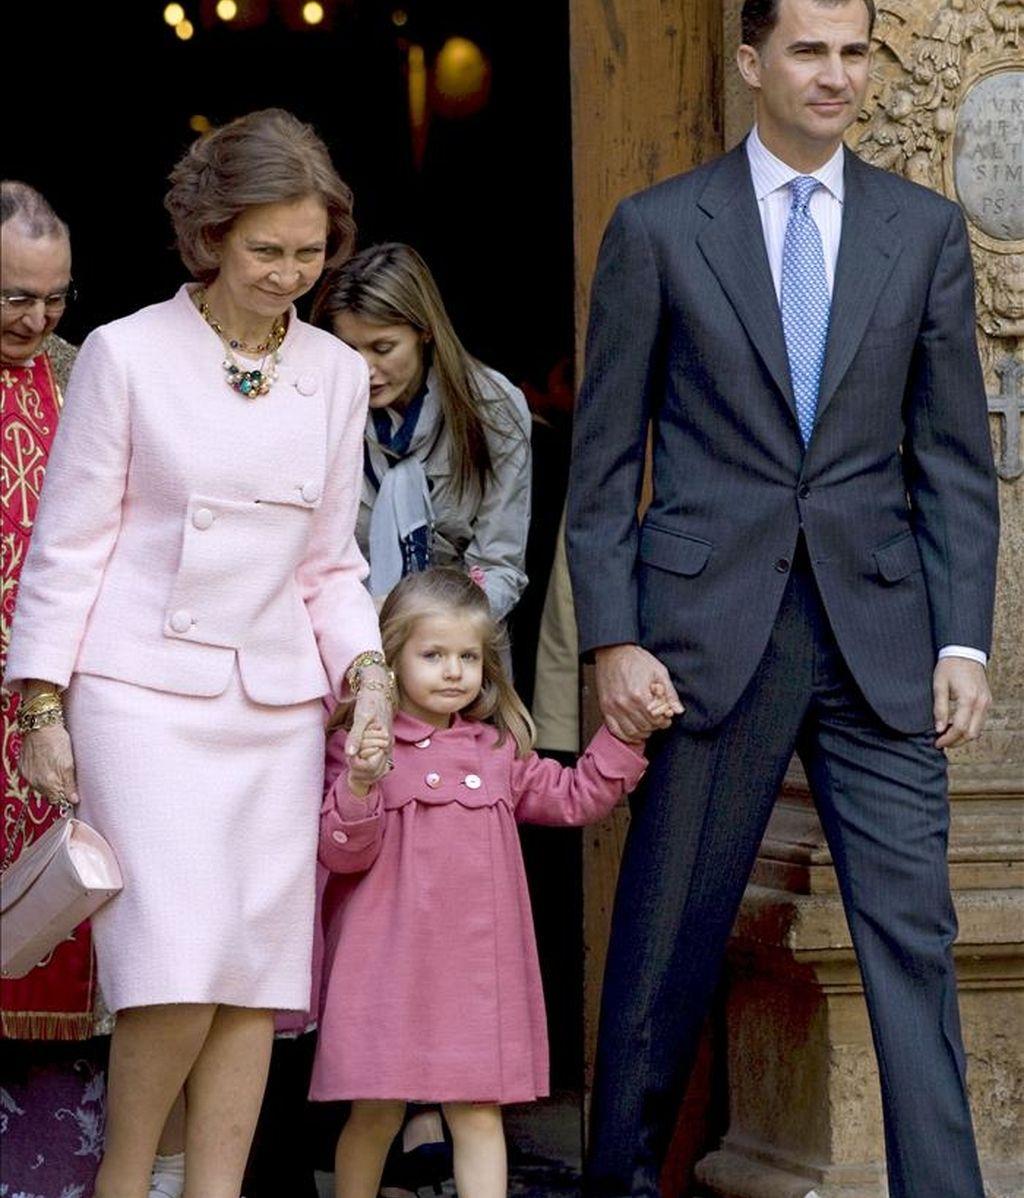 La reina Sofía y el príncipe Felipe junto a su hija, la infanta Leonor (c), a la salida de la tradicional misa del Domingo de Resurrección celebrada en la Catedral de Palma. EFE/Archivo